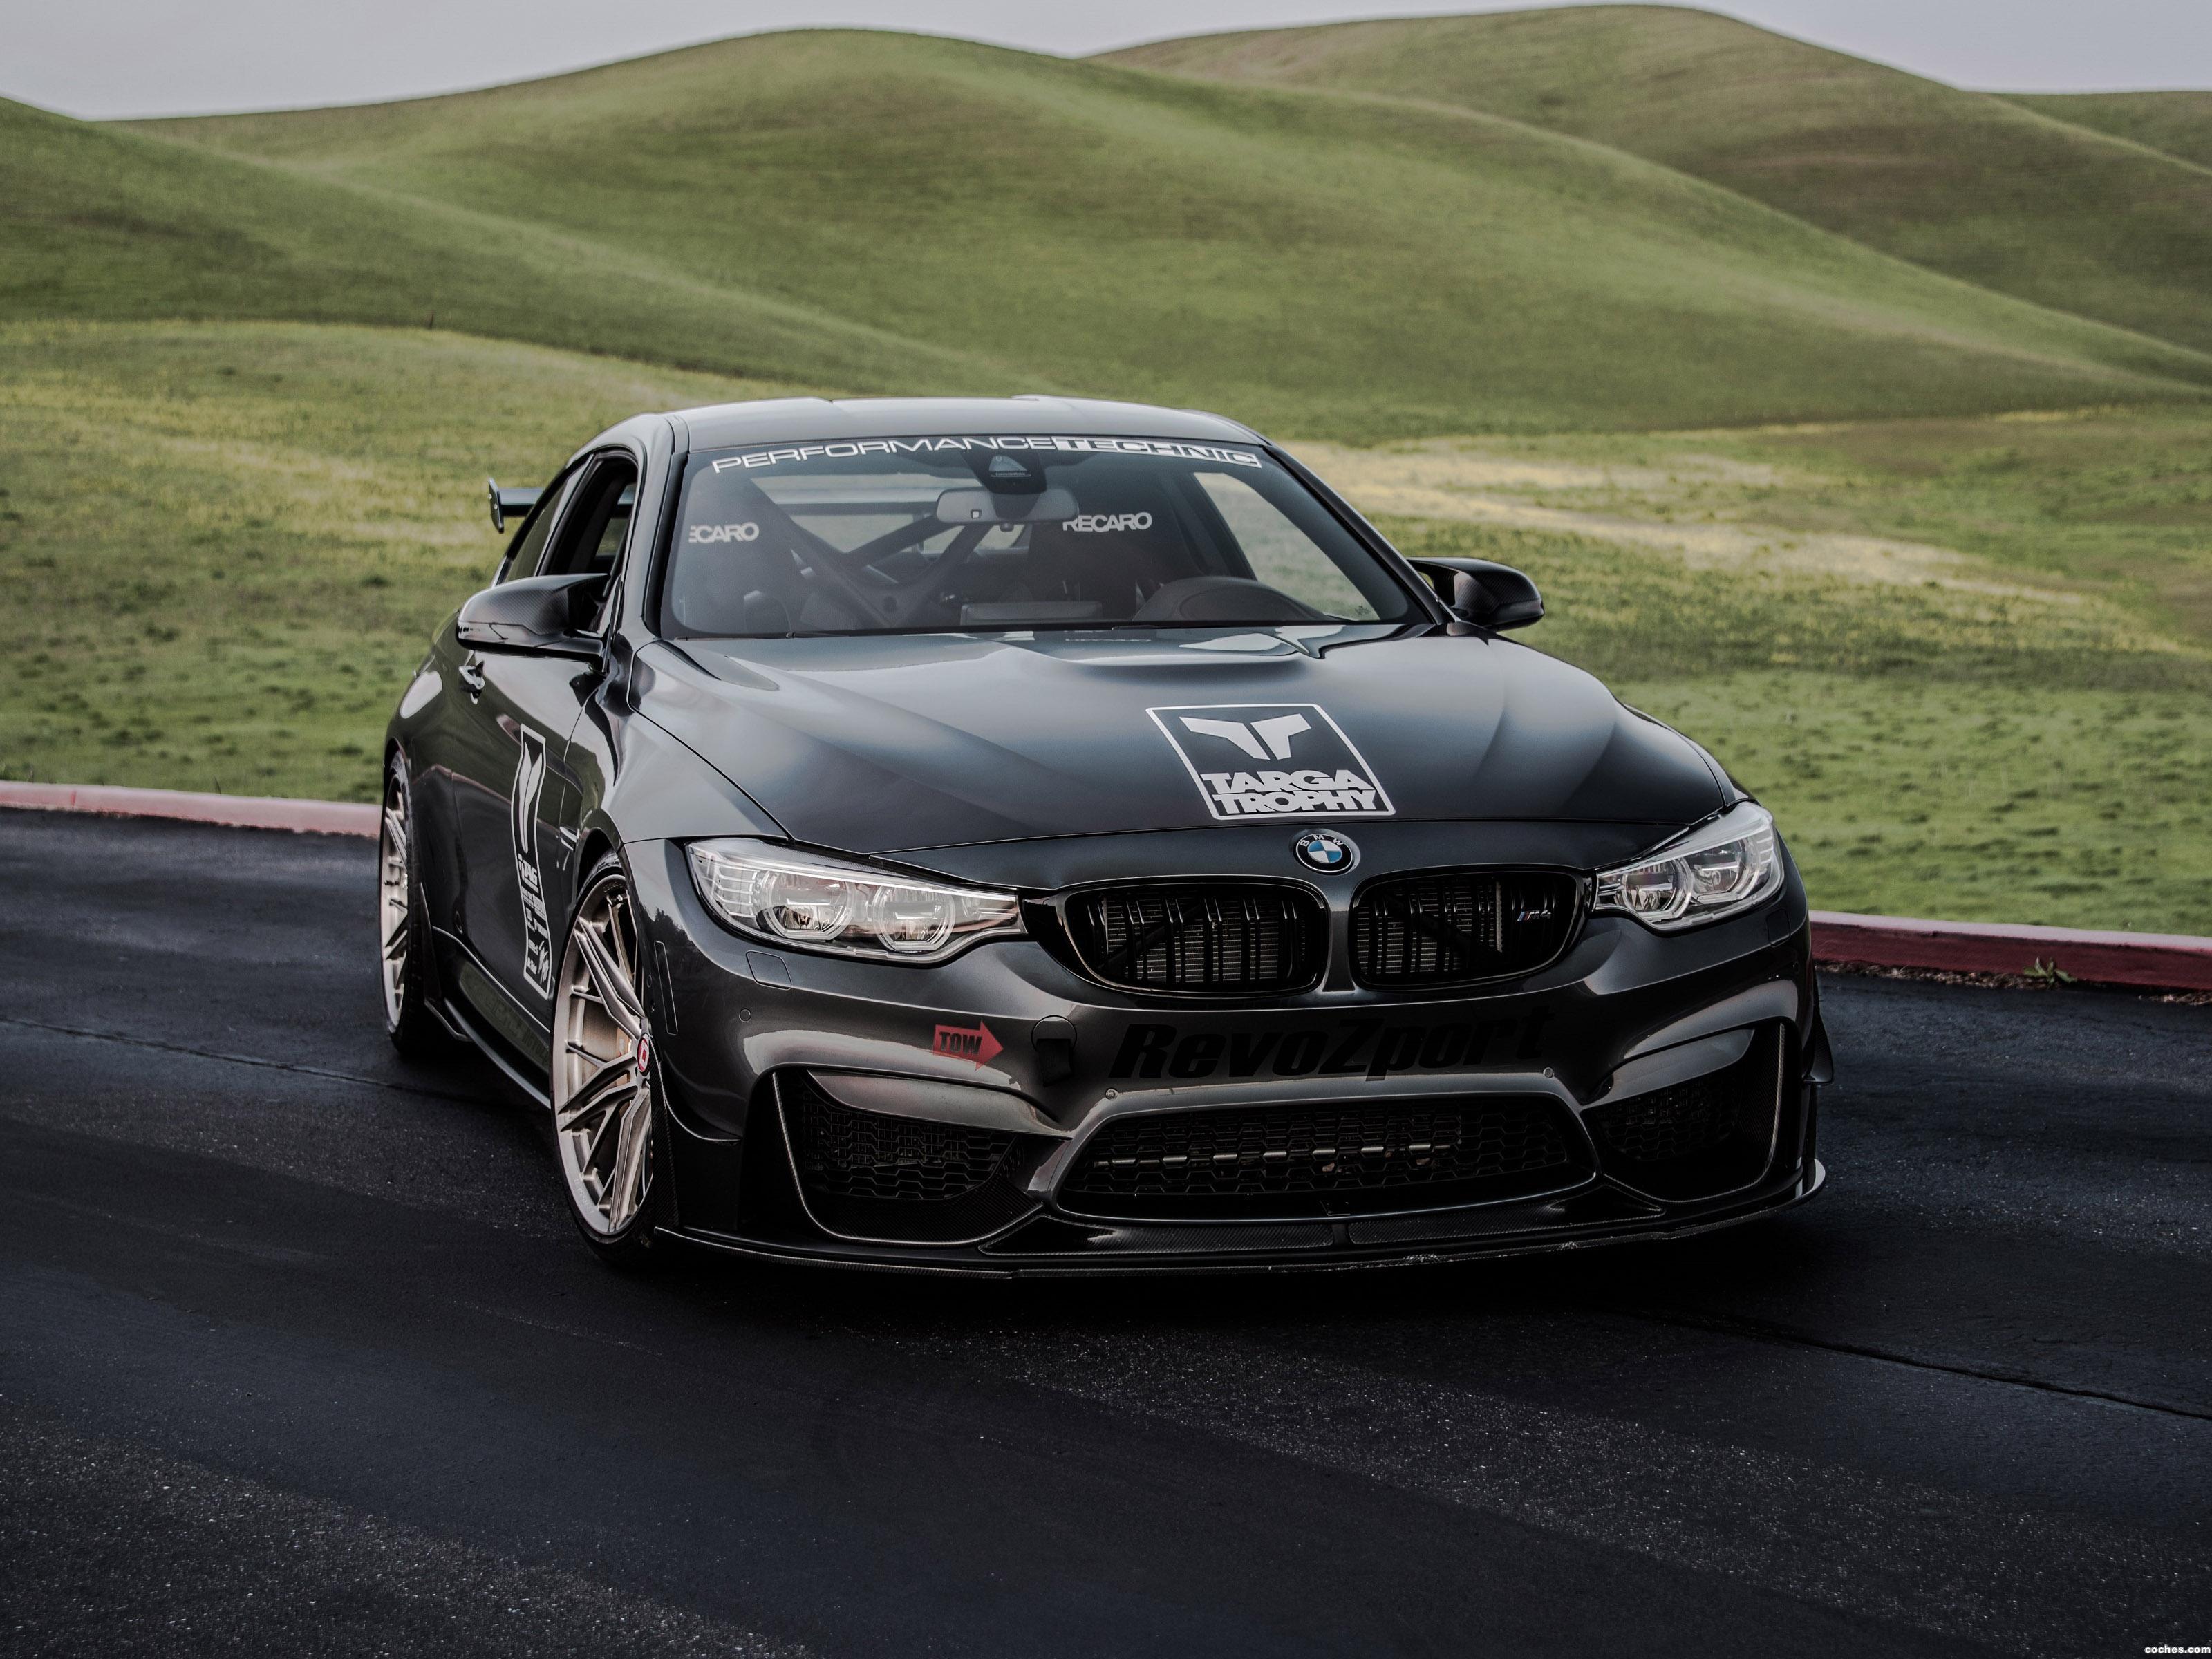 Foto 0 de Revozport BMW M4 Coupe F82 2015